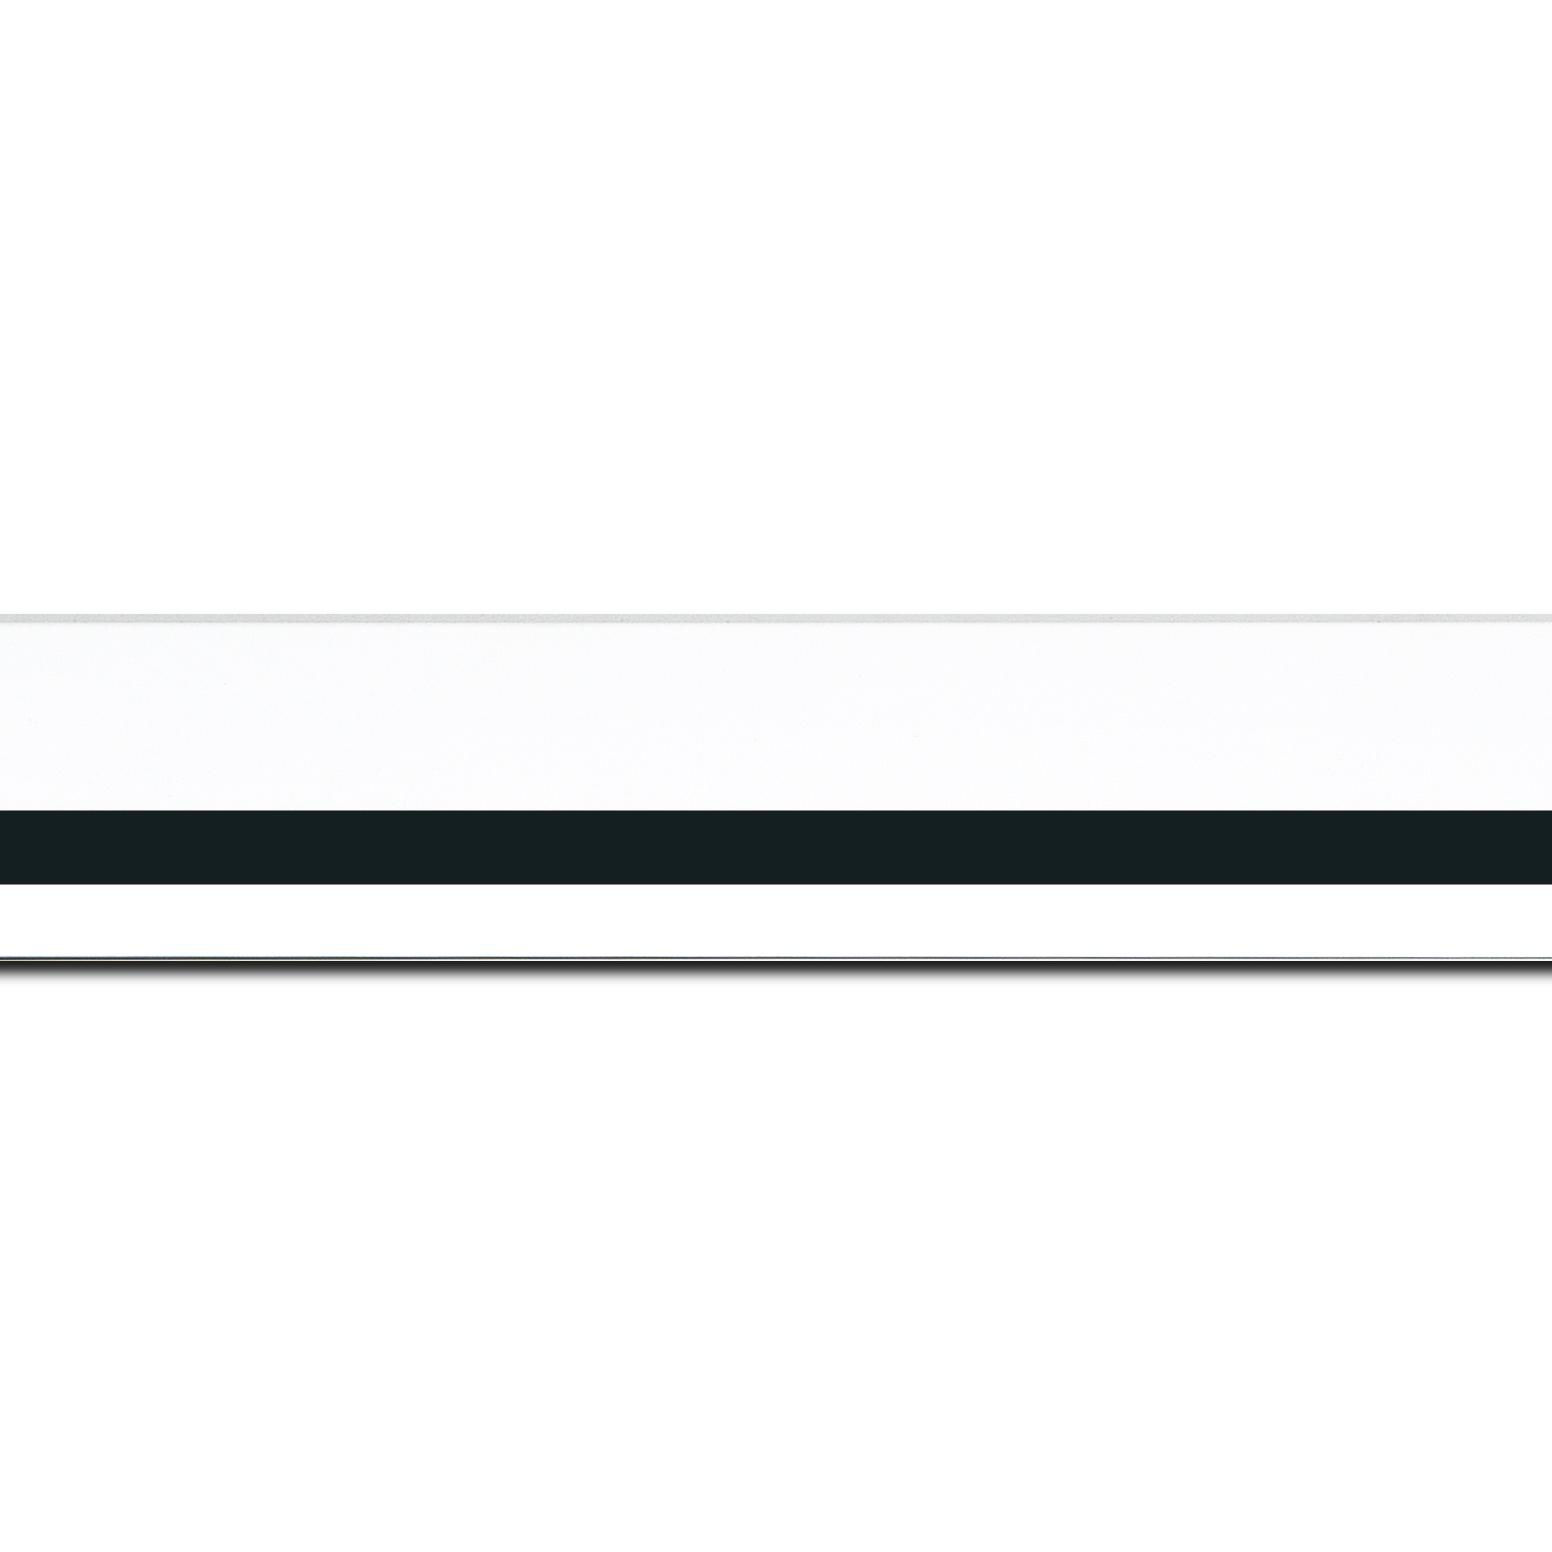 Baguette longueur 1.40m bois profil pente largeur 4.5cm de couleur blanc mat filet noir